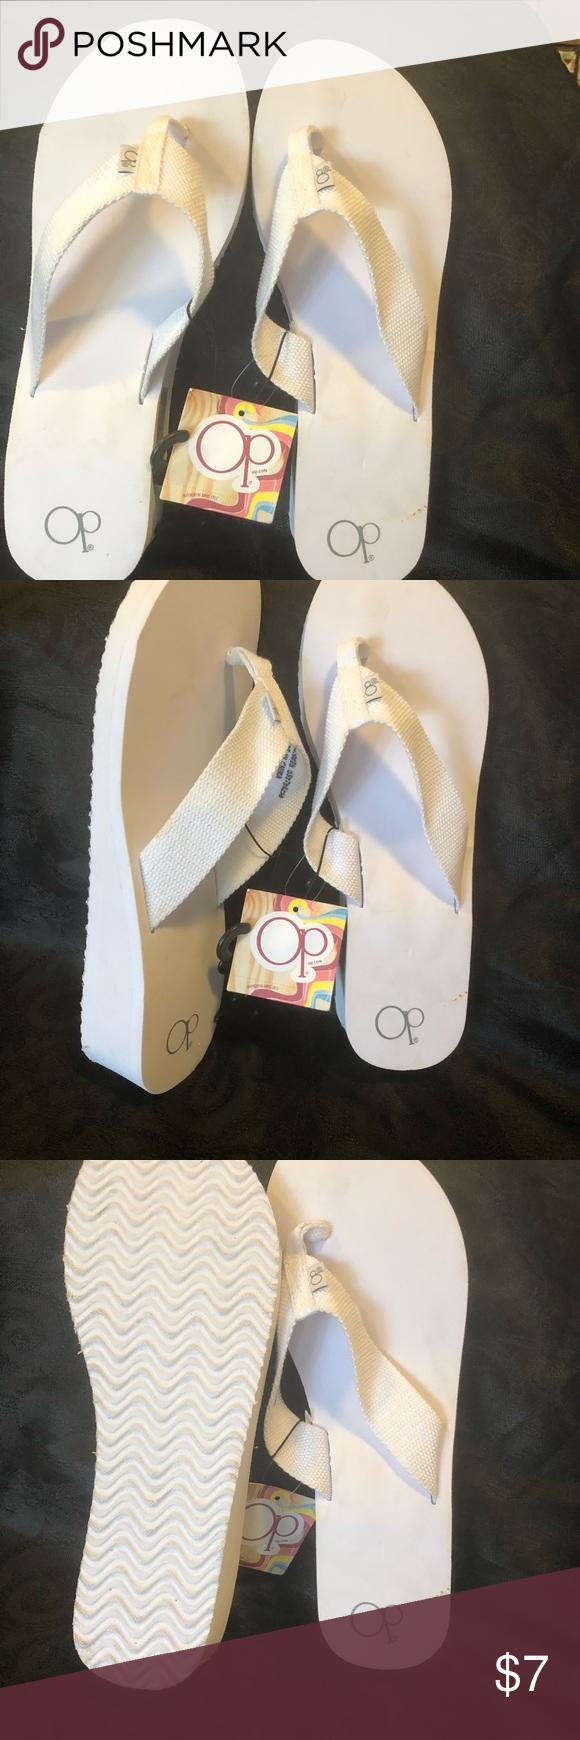 18da52cf628365 Op ocean pacific flip flops white White canvas strap flip flops. OP Shoes  Sandals